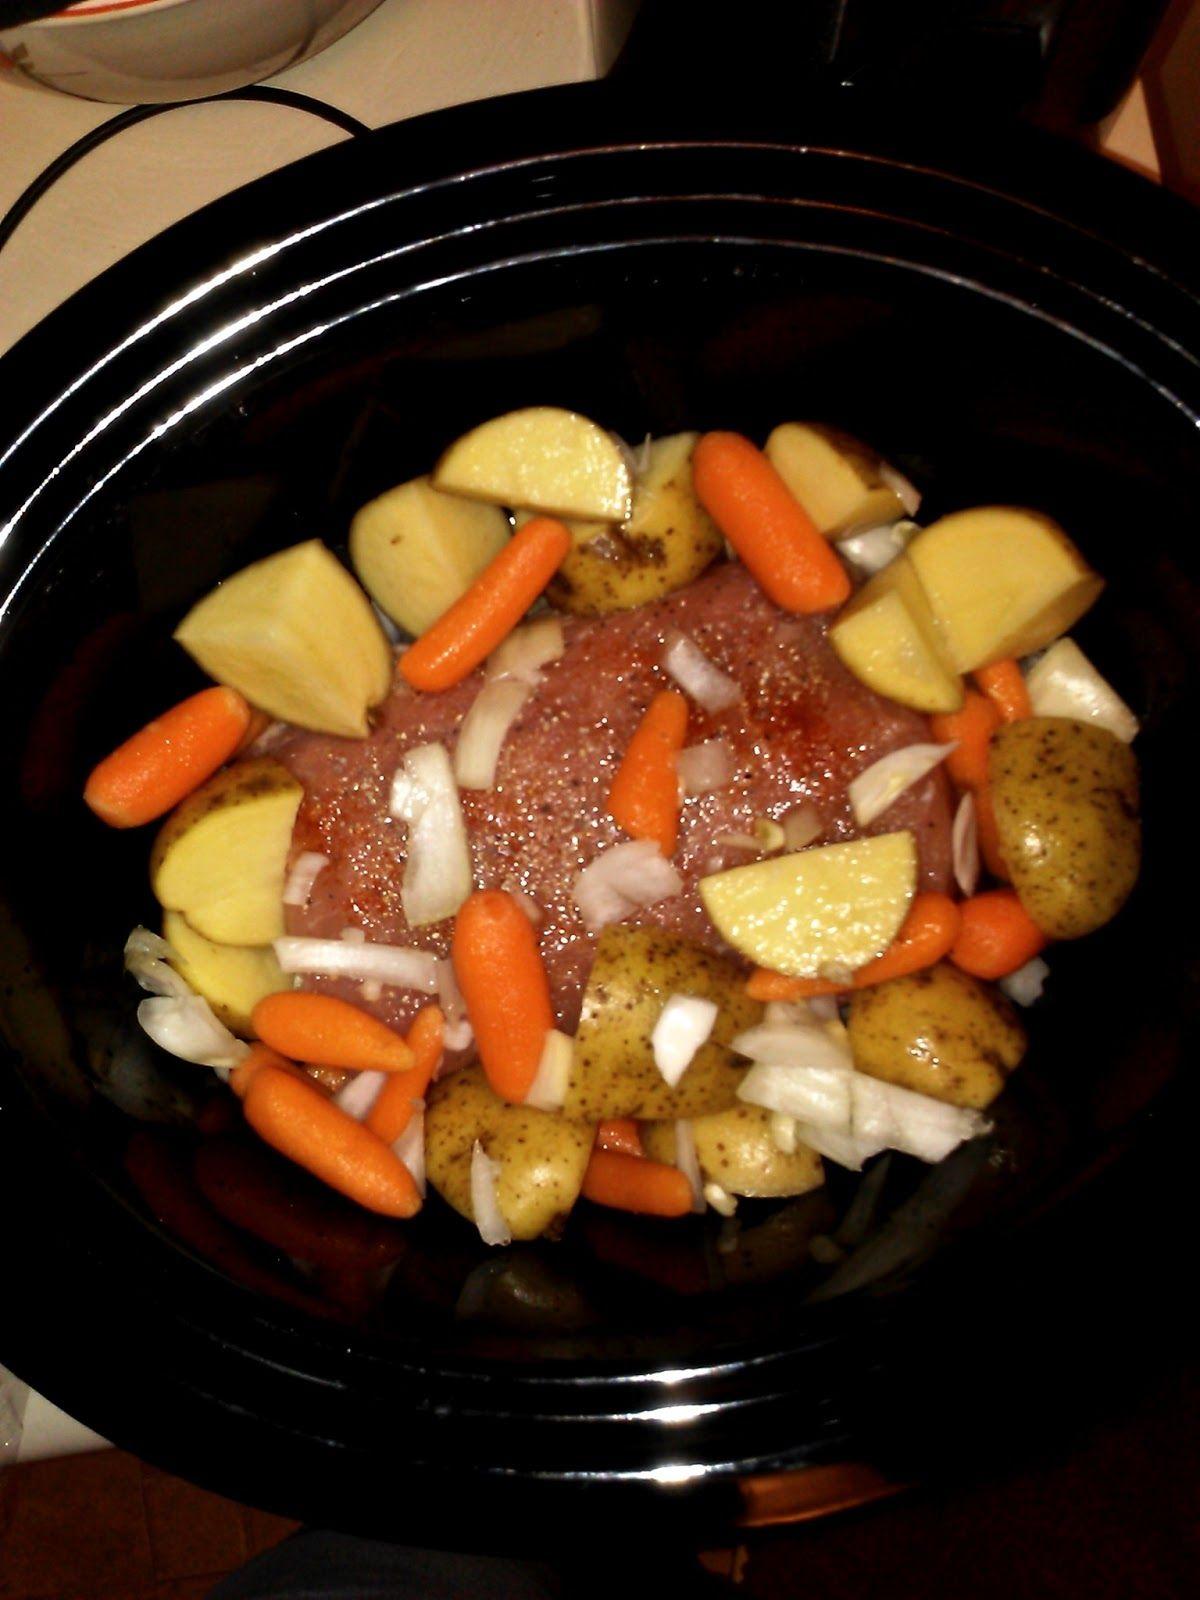 Crock Pot Pork Roast Pork Roast Crock Pot Recipes Crockpot Pork Roast Pot Roast Crock Pot